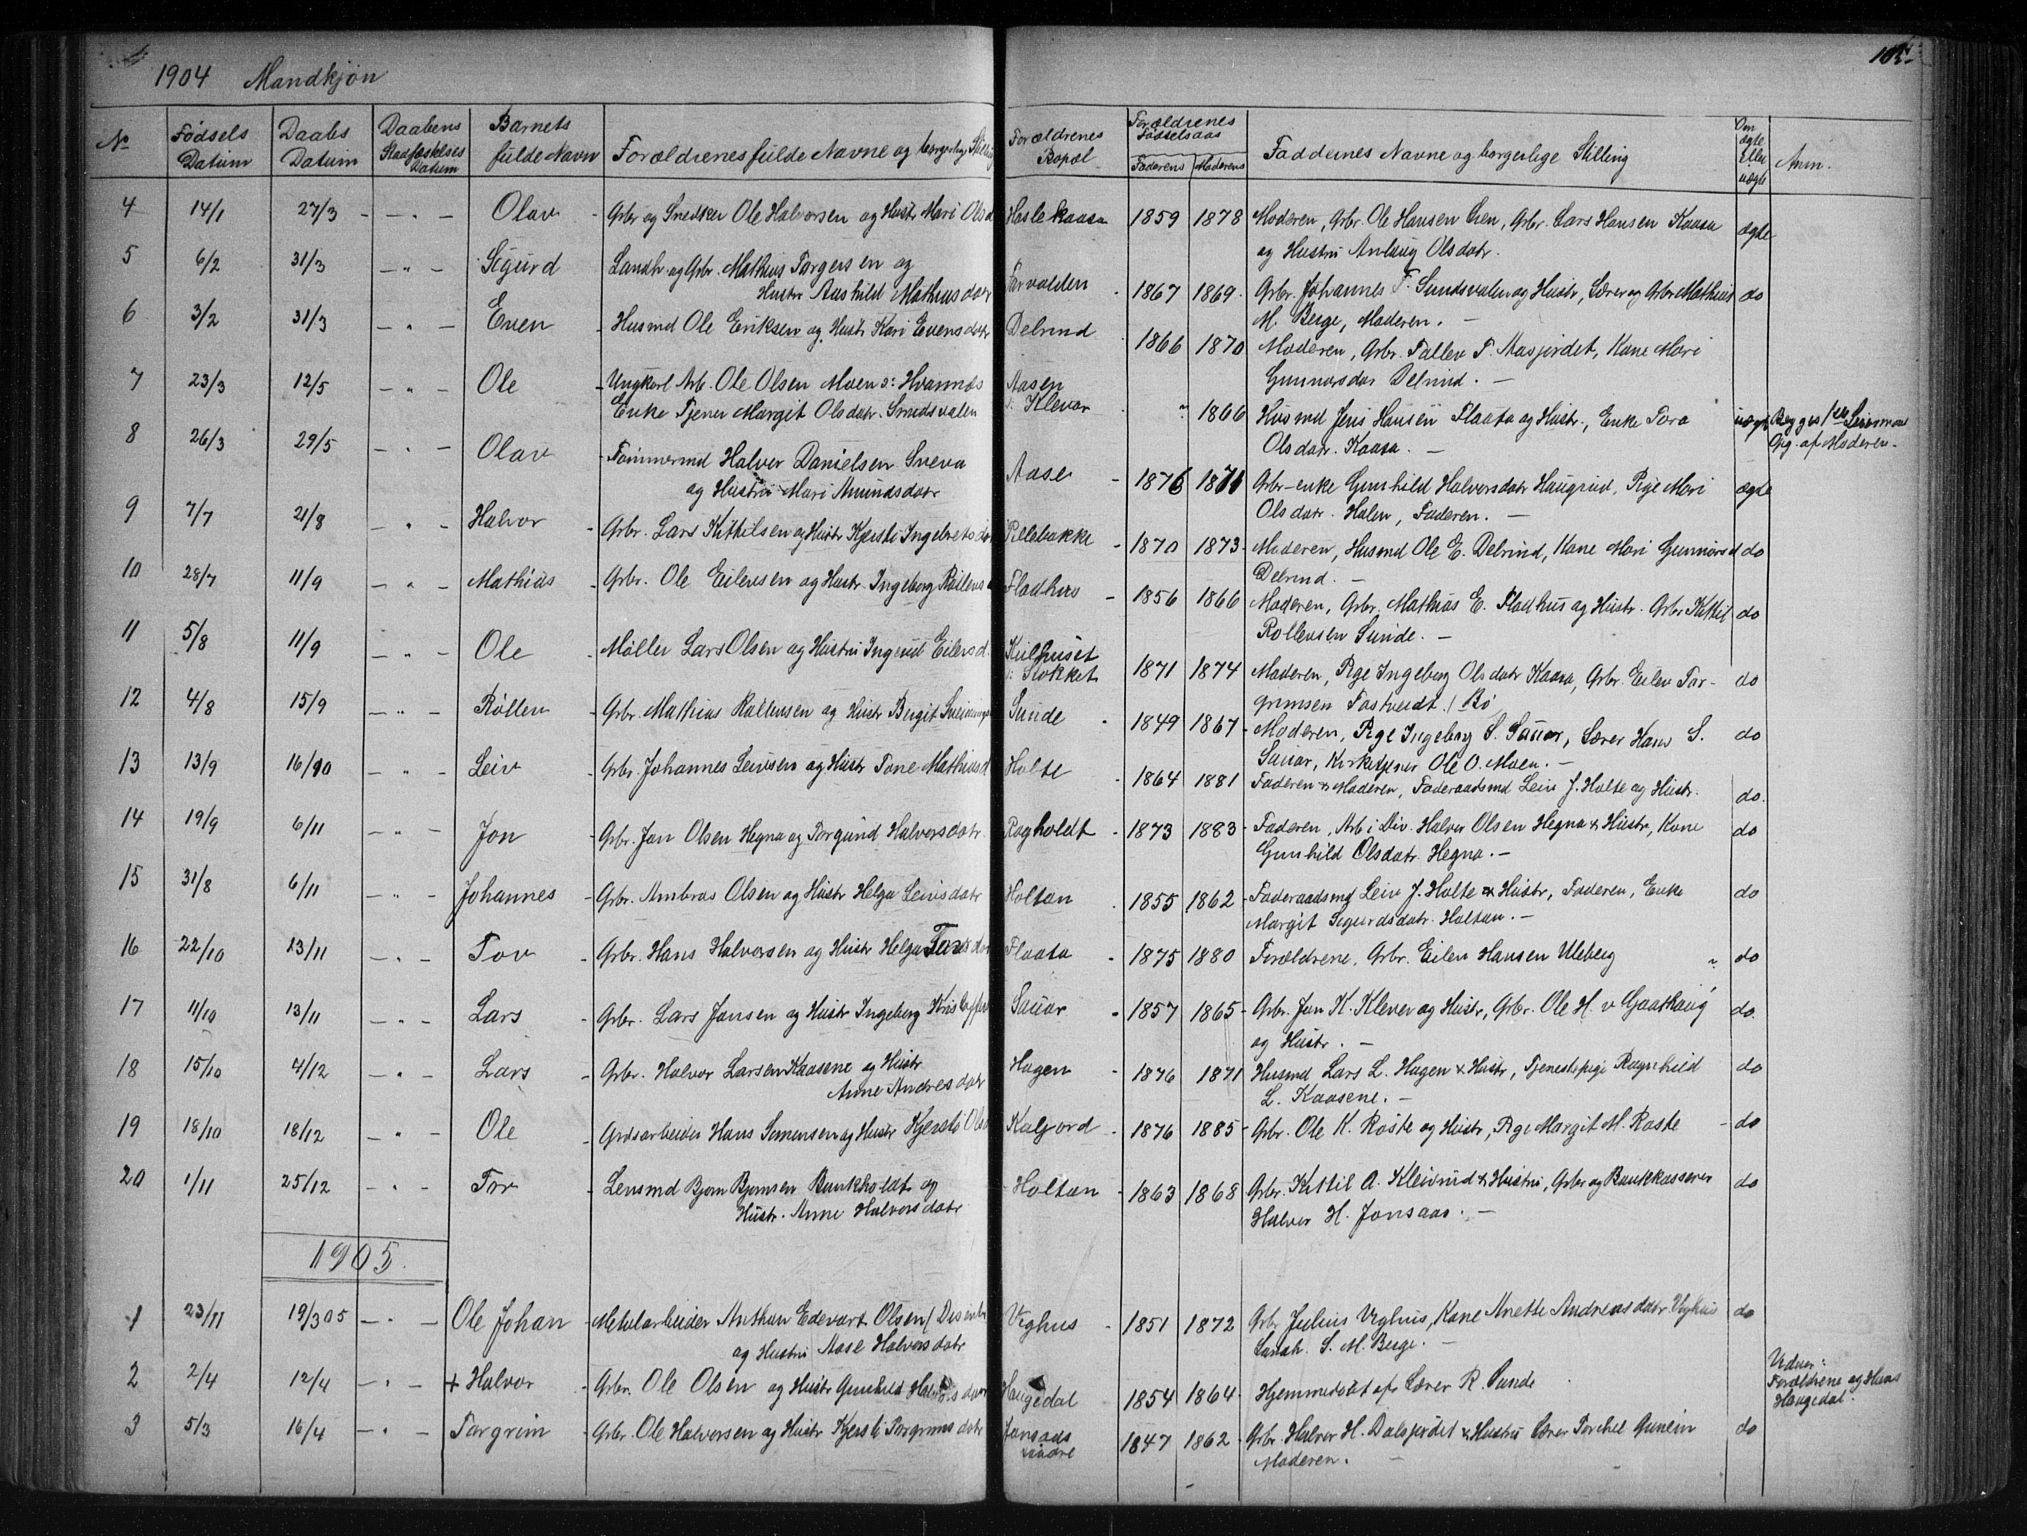 SAKO, Sauherad kirkebøker, G/Ga/L0003: Klokkerbok nr. I 3, 1866-1905, s. 105